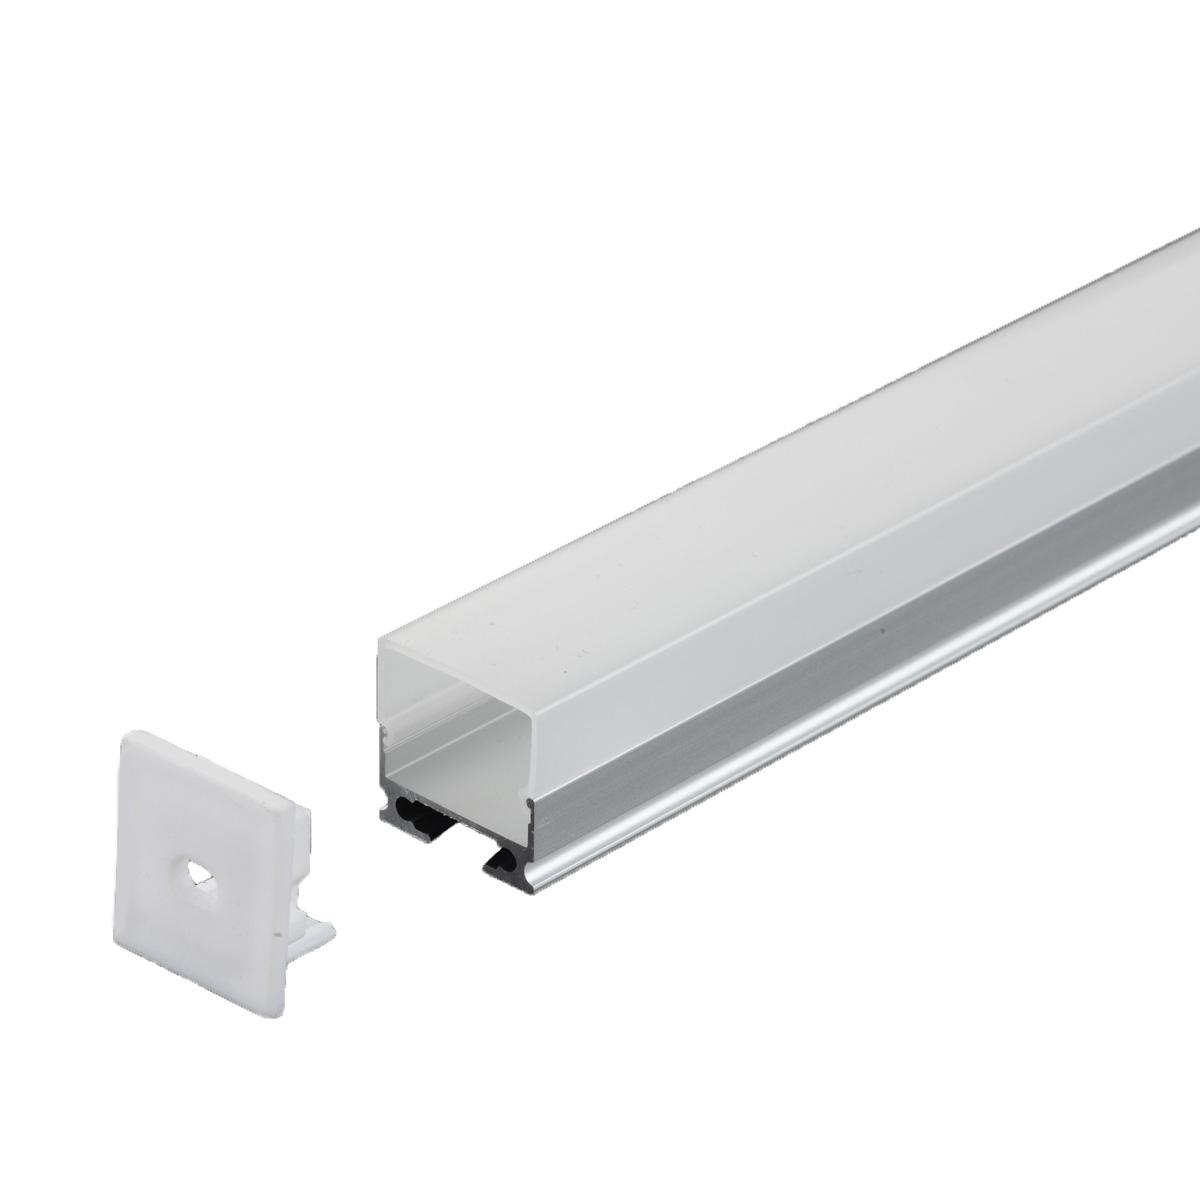 PERFIL SOBREPOR 20X10.3MM 1 METRO DIVERSAS CORES AL-616 - i9 LED